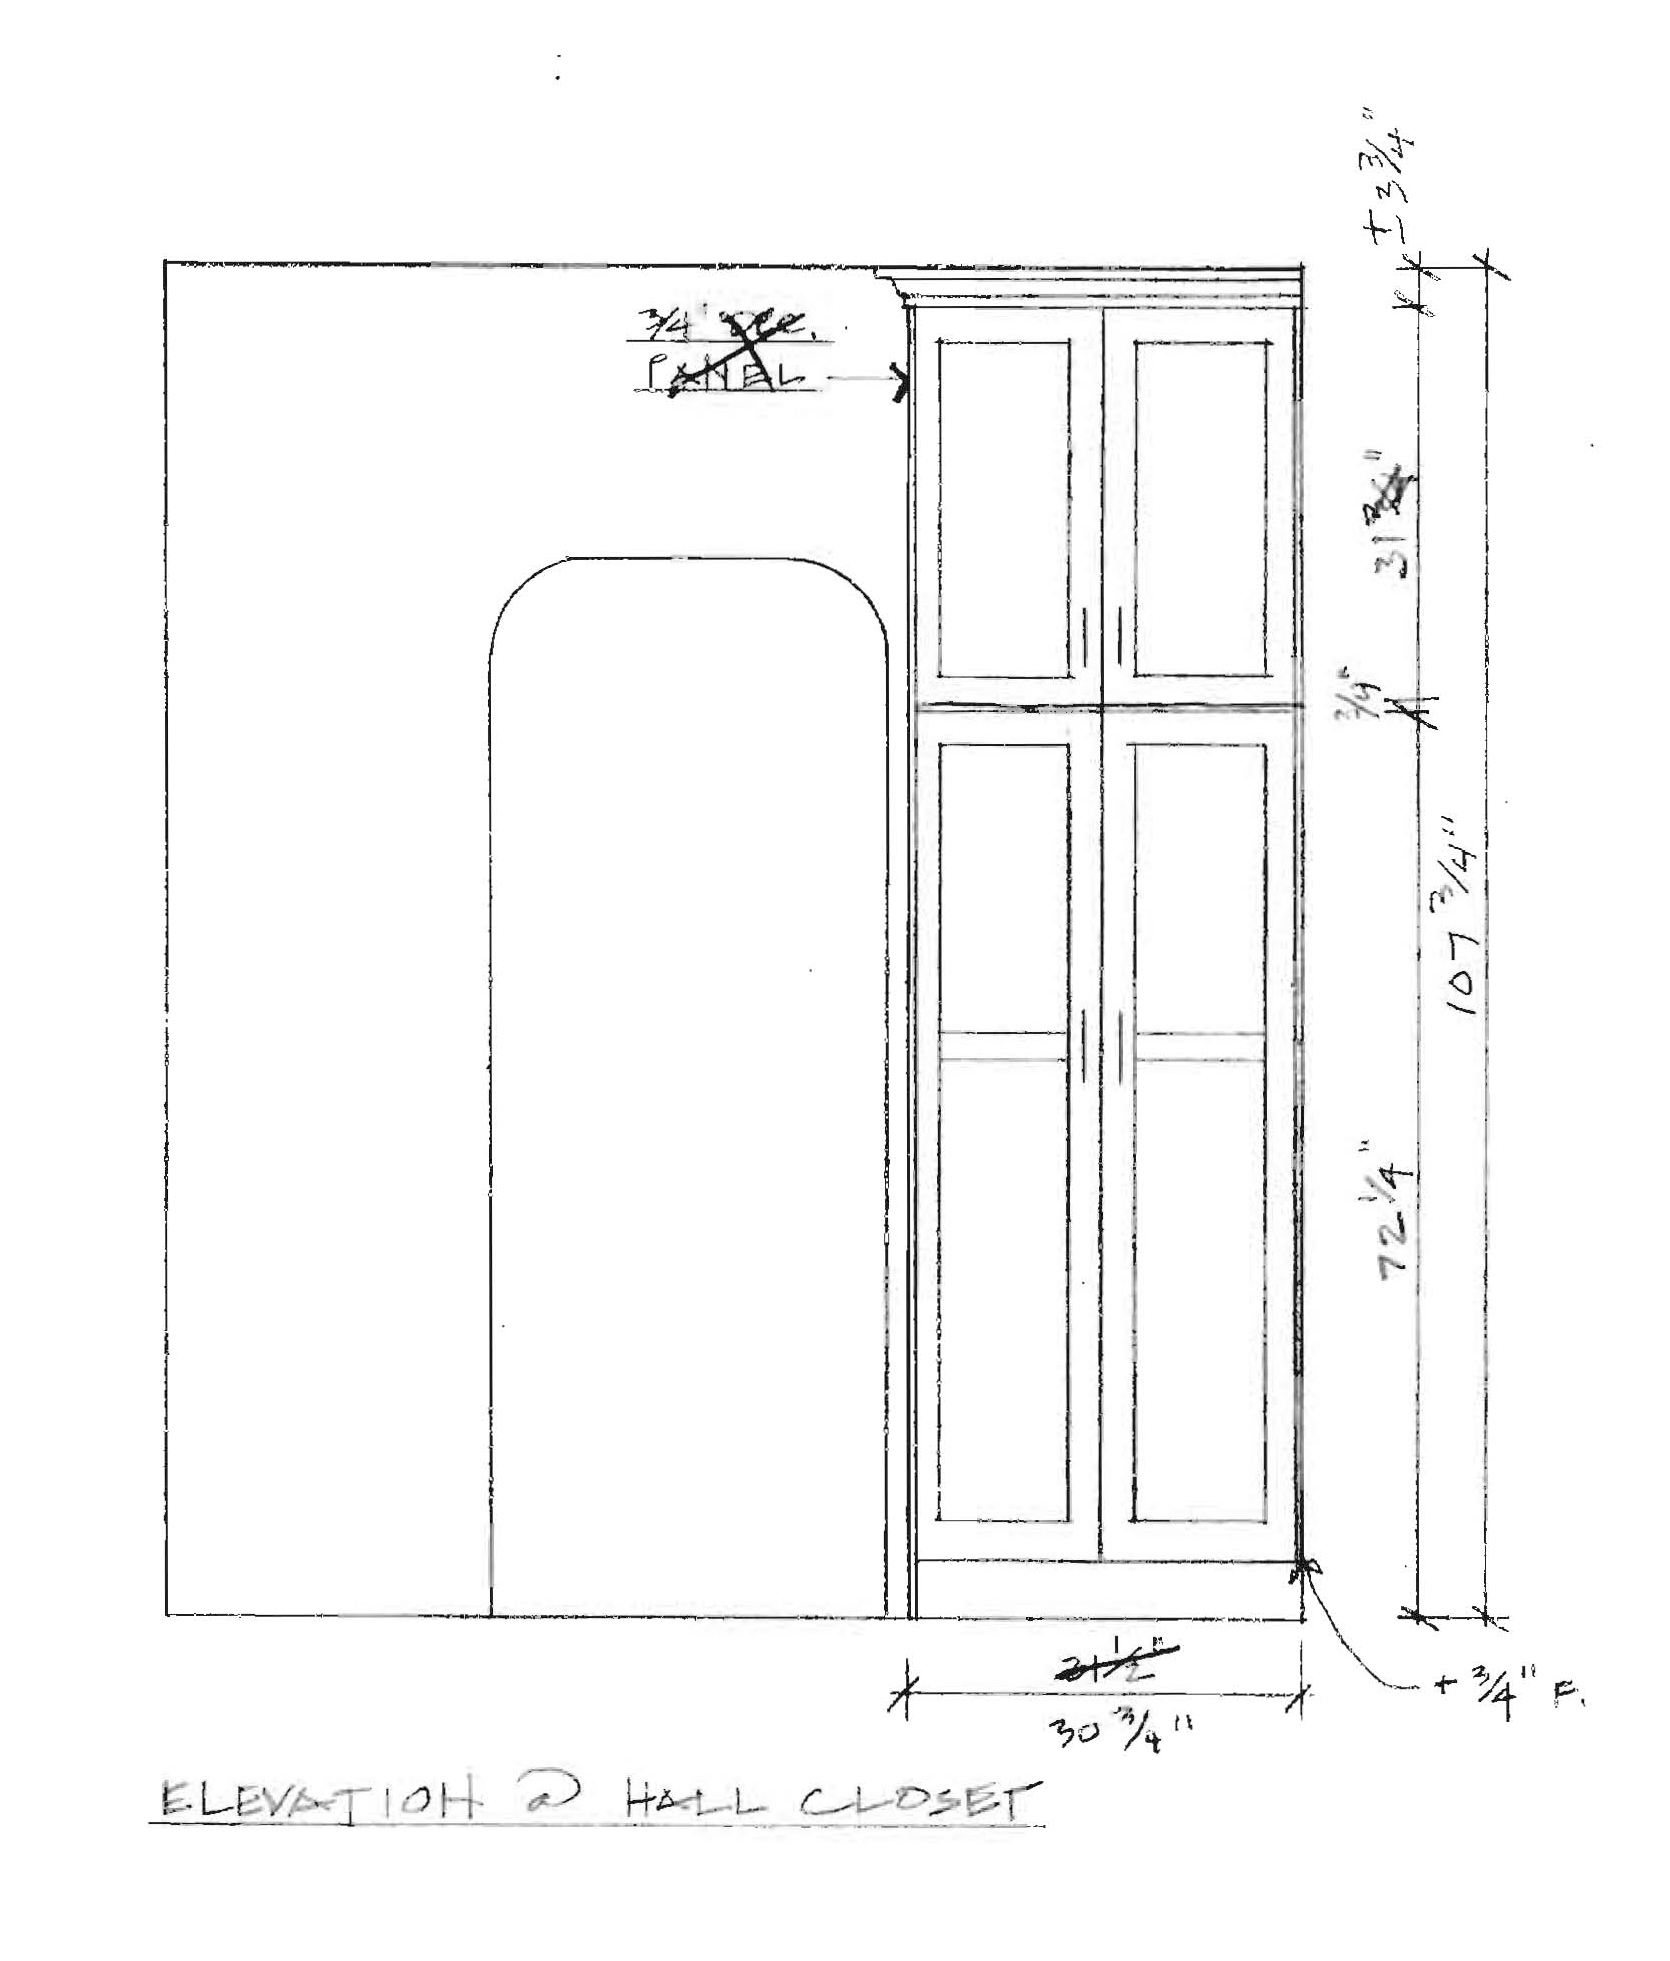 Hall closet Elevation